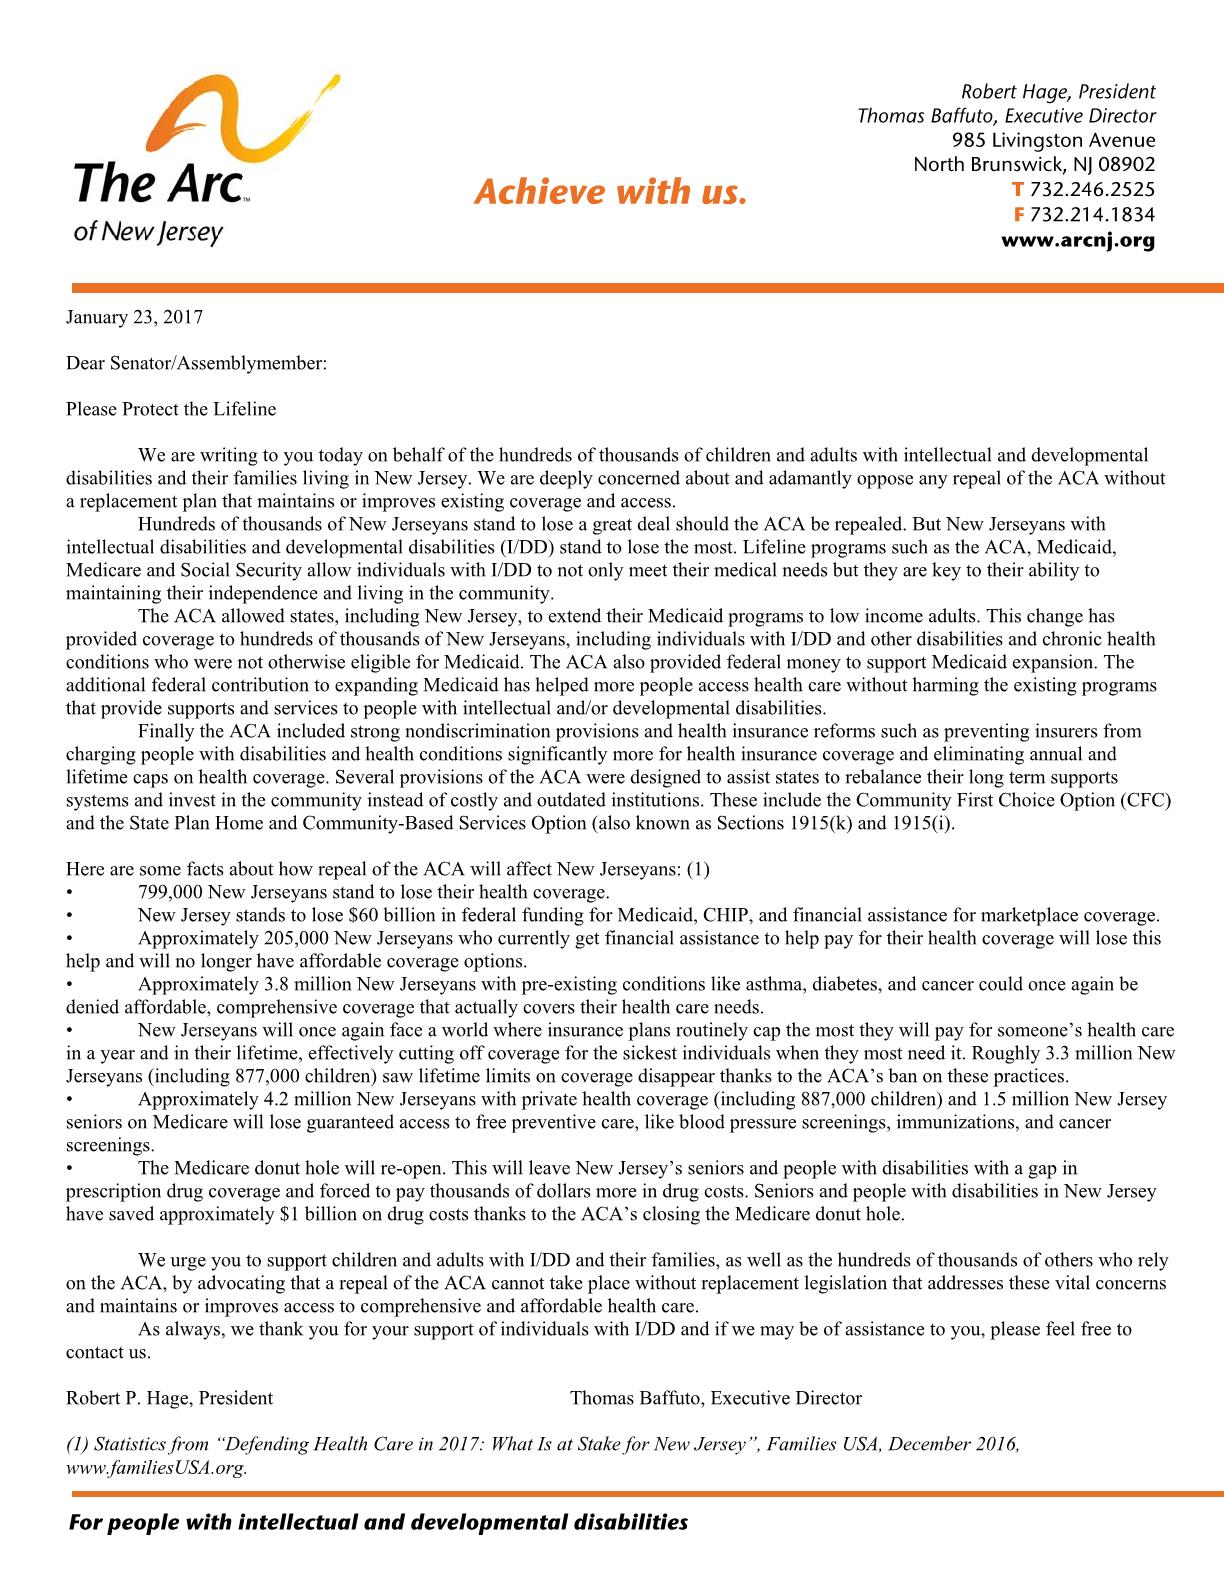 Letter to NJ Legislature - 1.23.2017